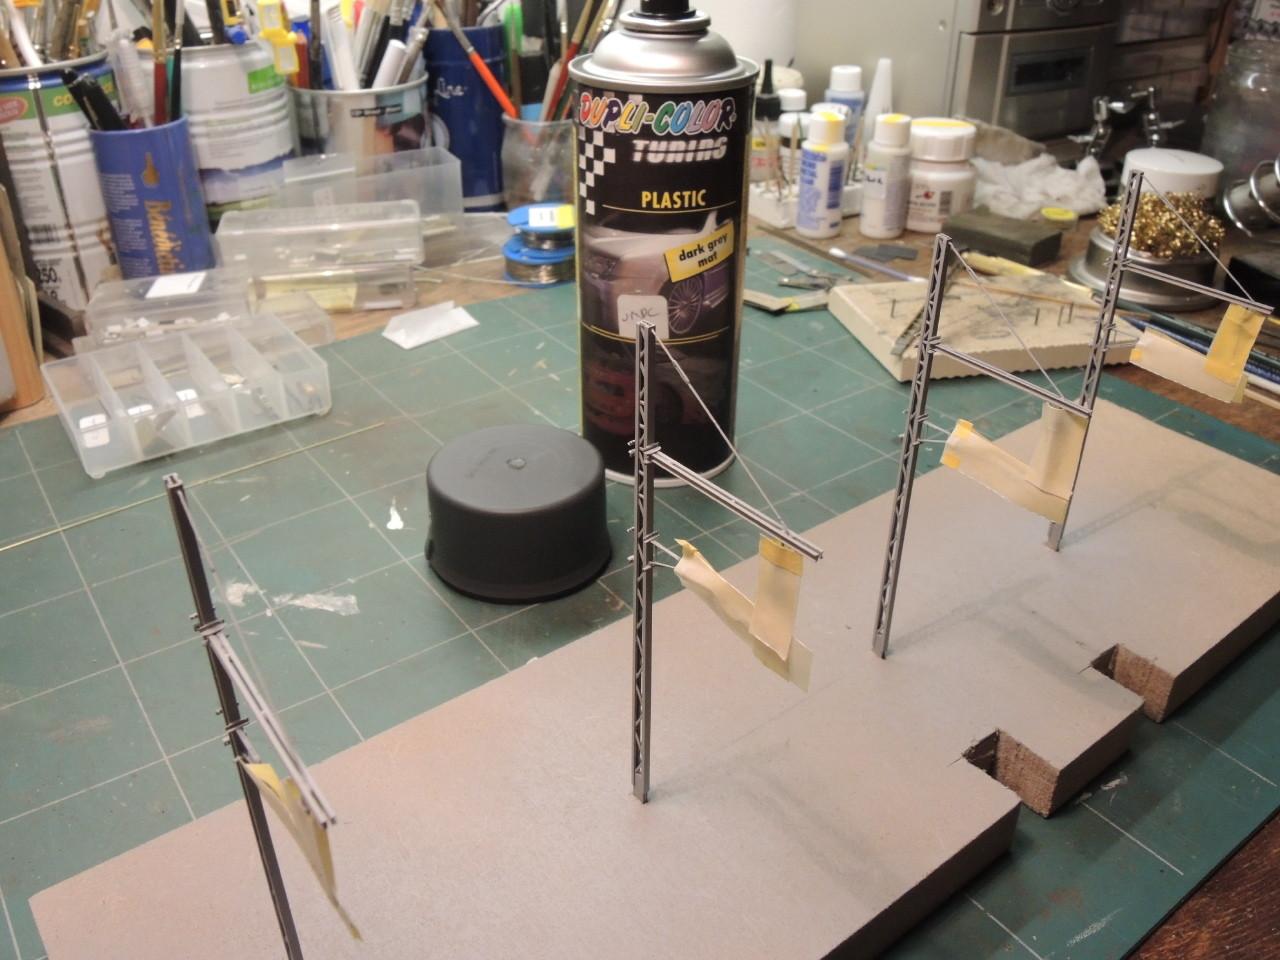 Les supports simples, apprétés, sont peints avec une peinture prévue initialement pour les pare-chocs de voitures.